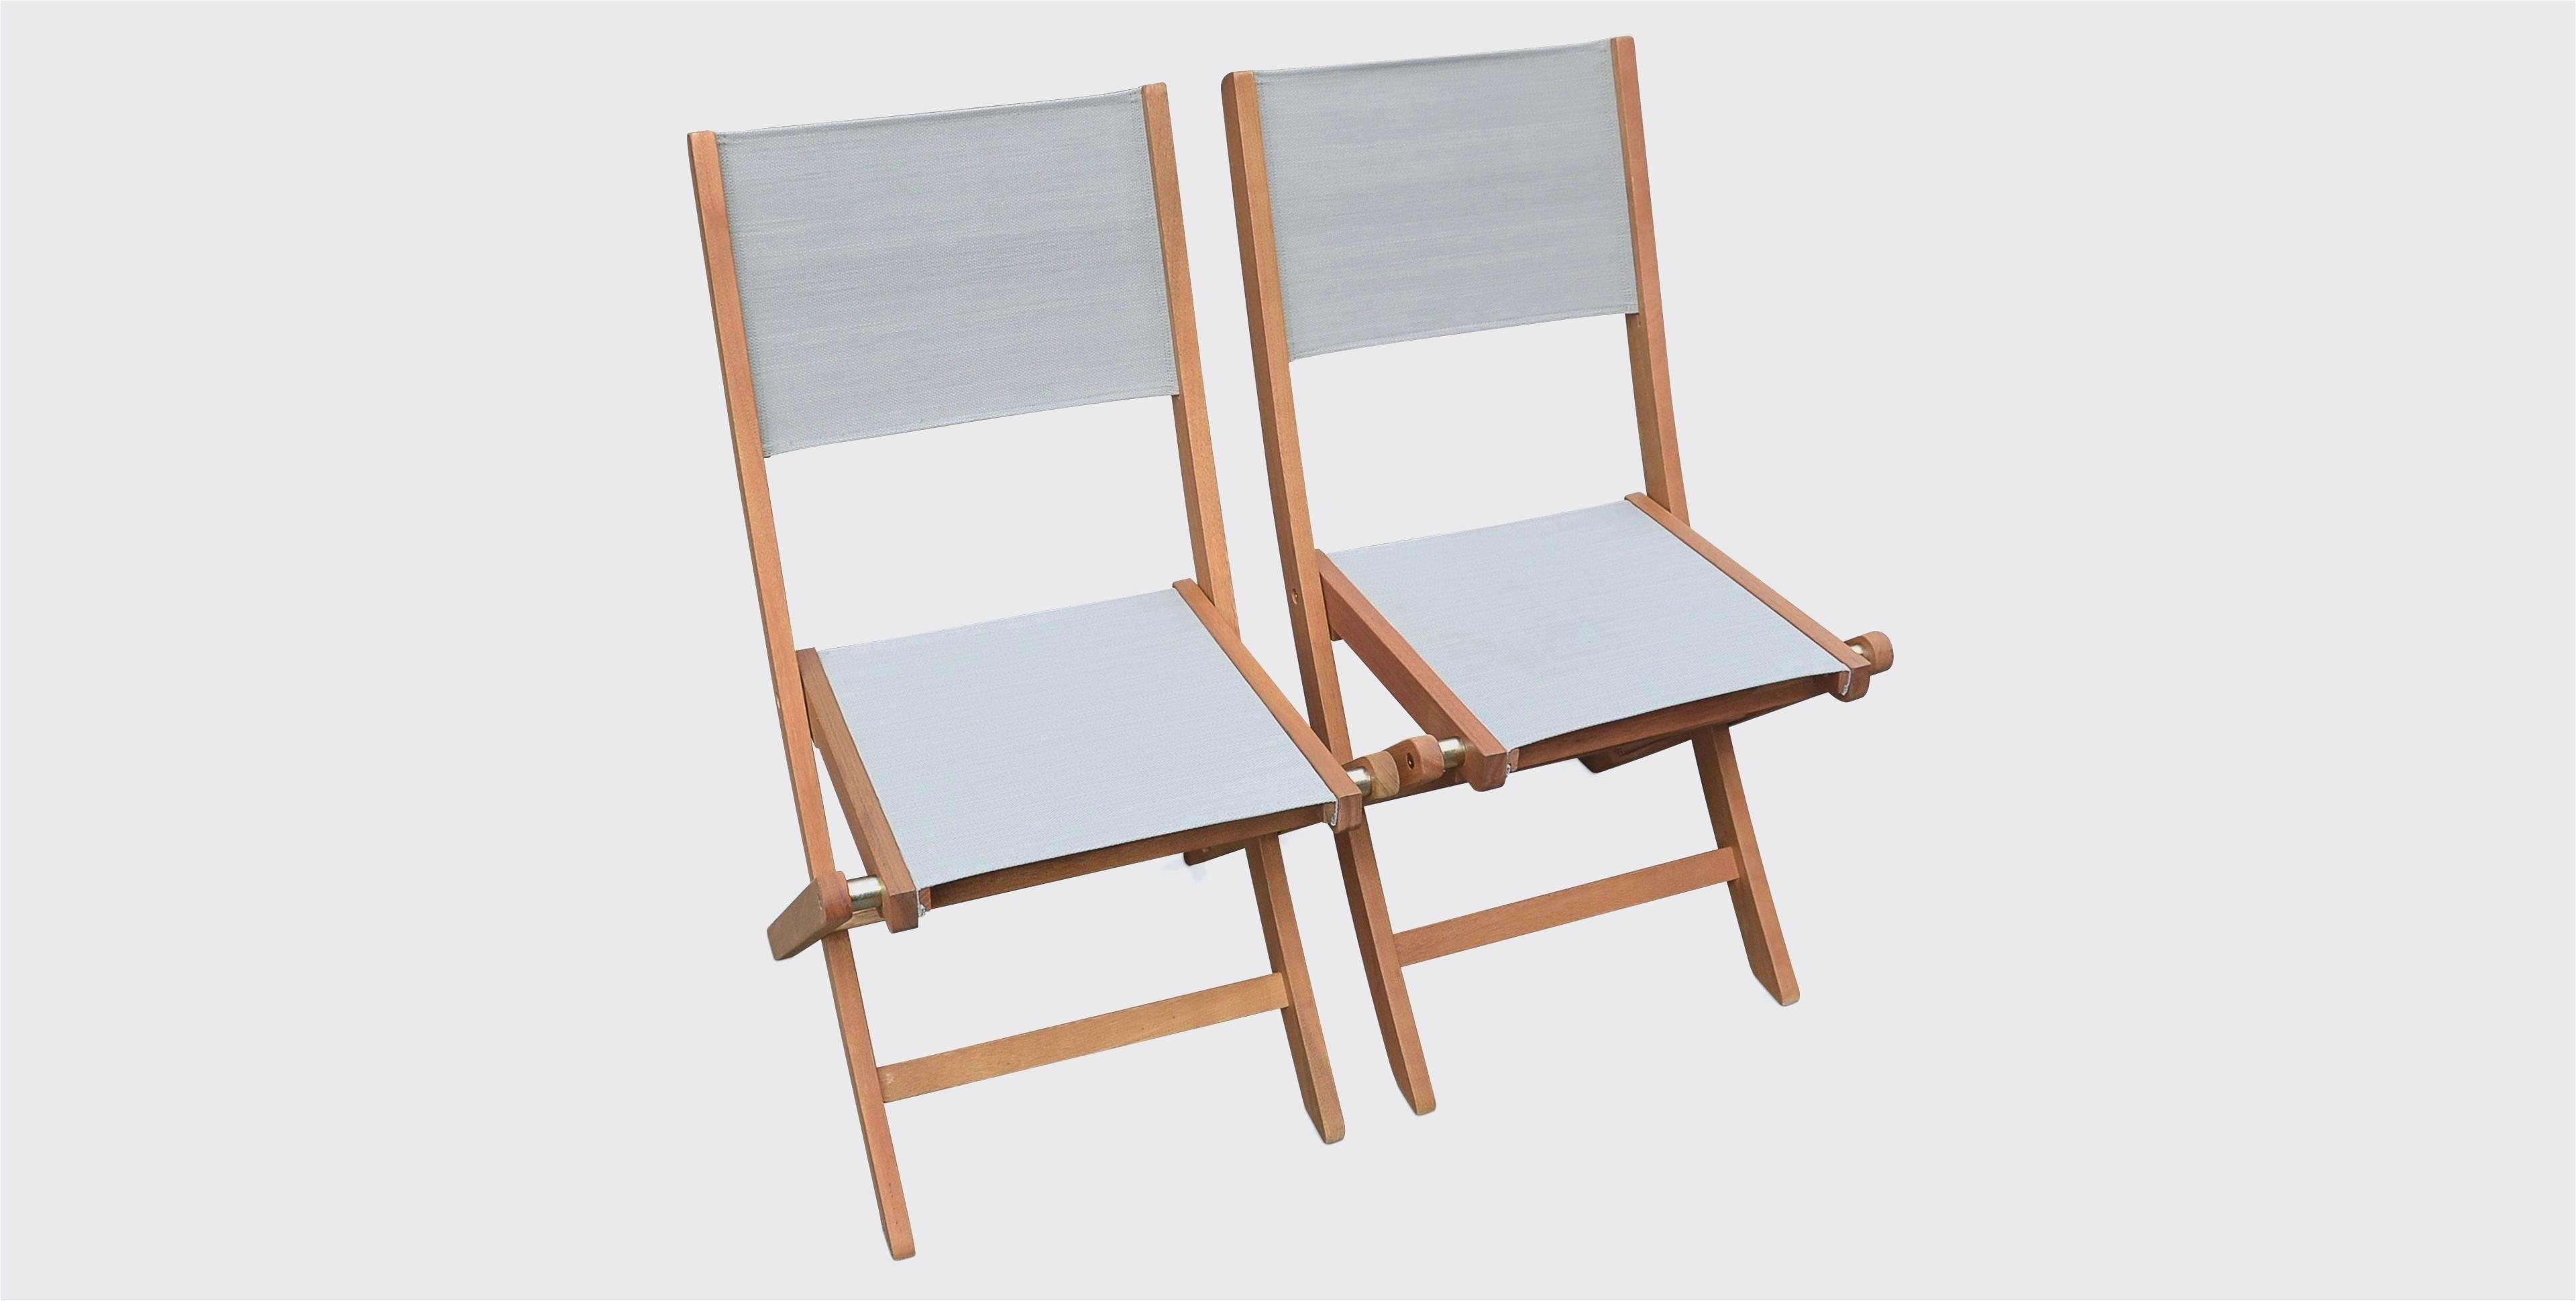 Salon De Jardin Babou Beau Stock Chaises De Jardin Lovely Table Et Chaise Pliante Luxe Résultat